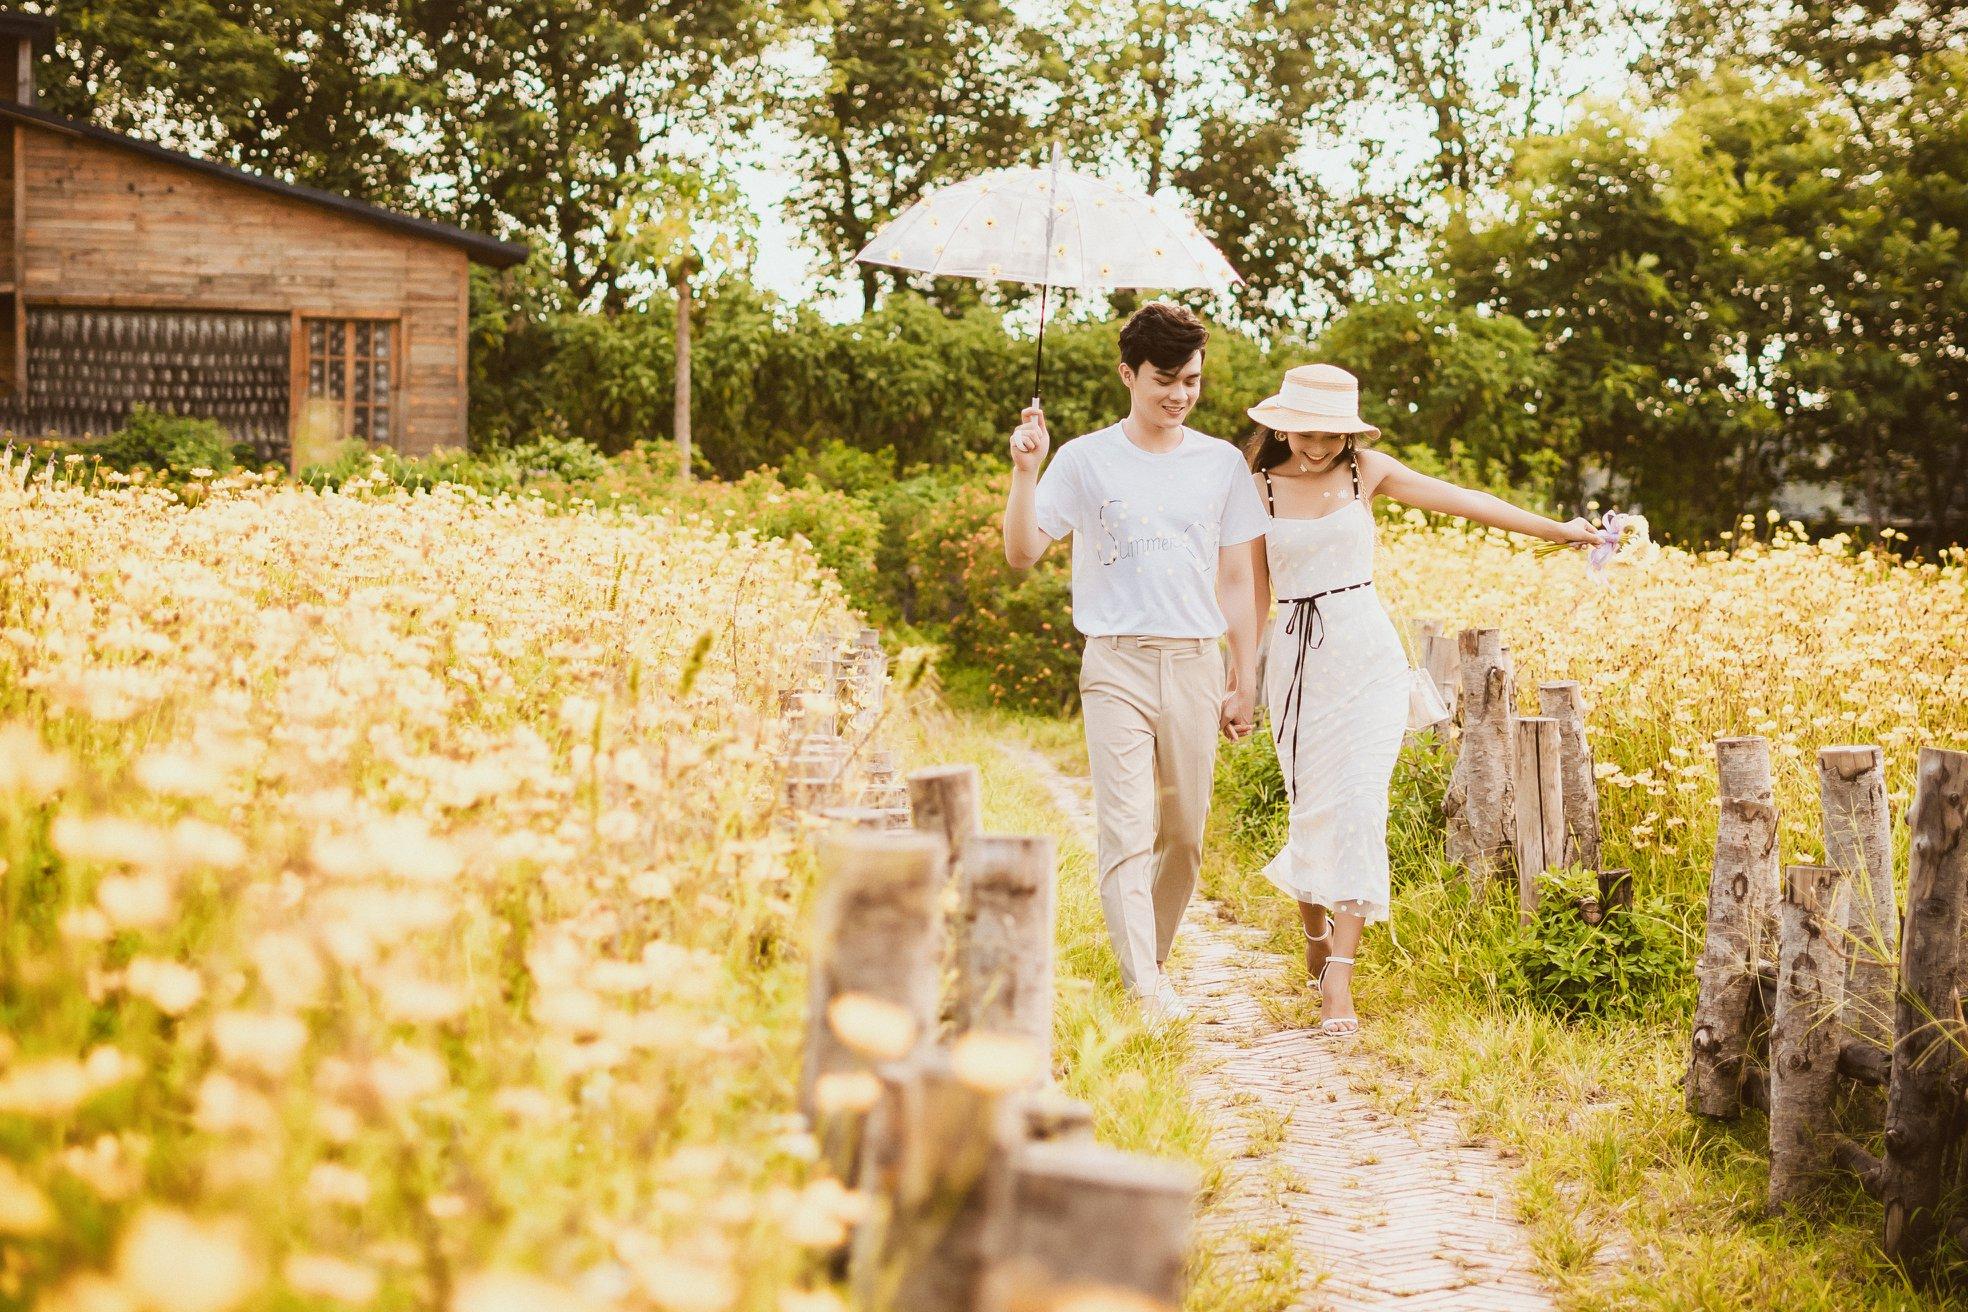 Album ảnh cưới đẹp Hàn Quốc tại phim trường Santorini Hà Nội 37